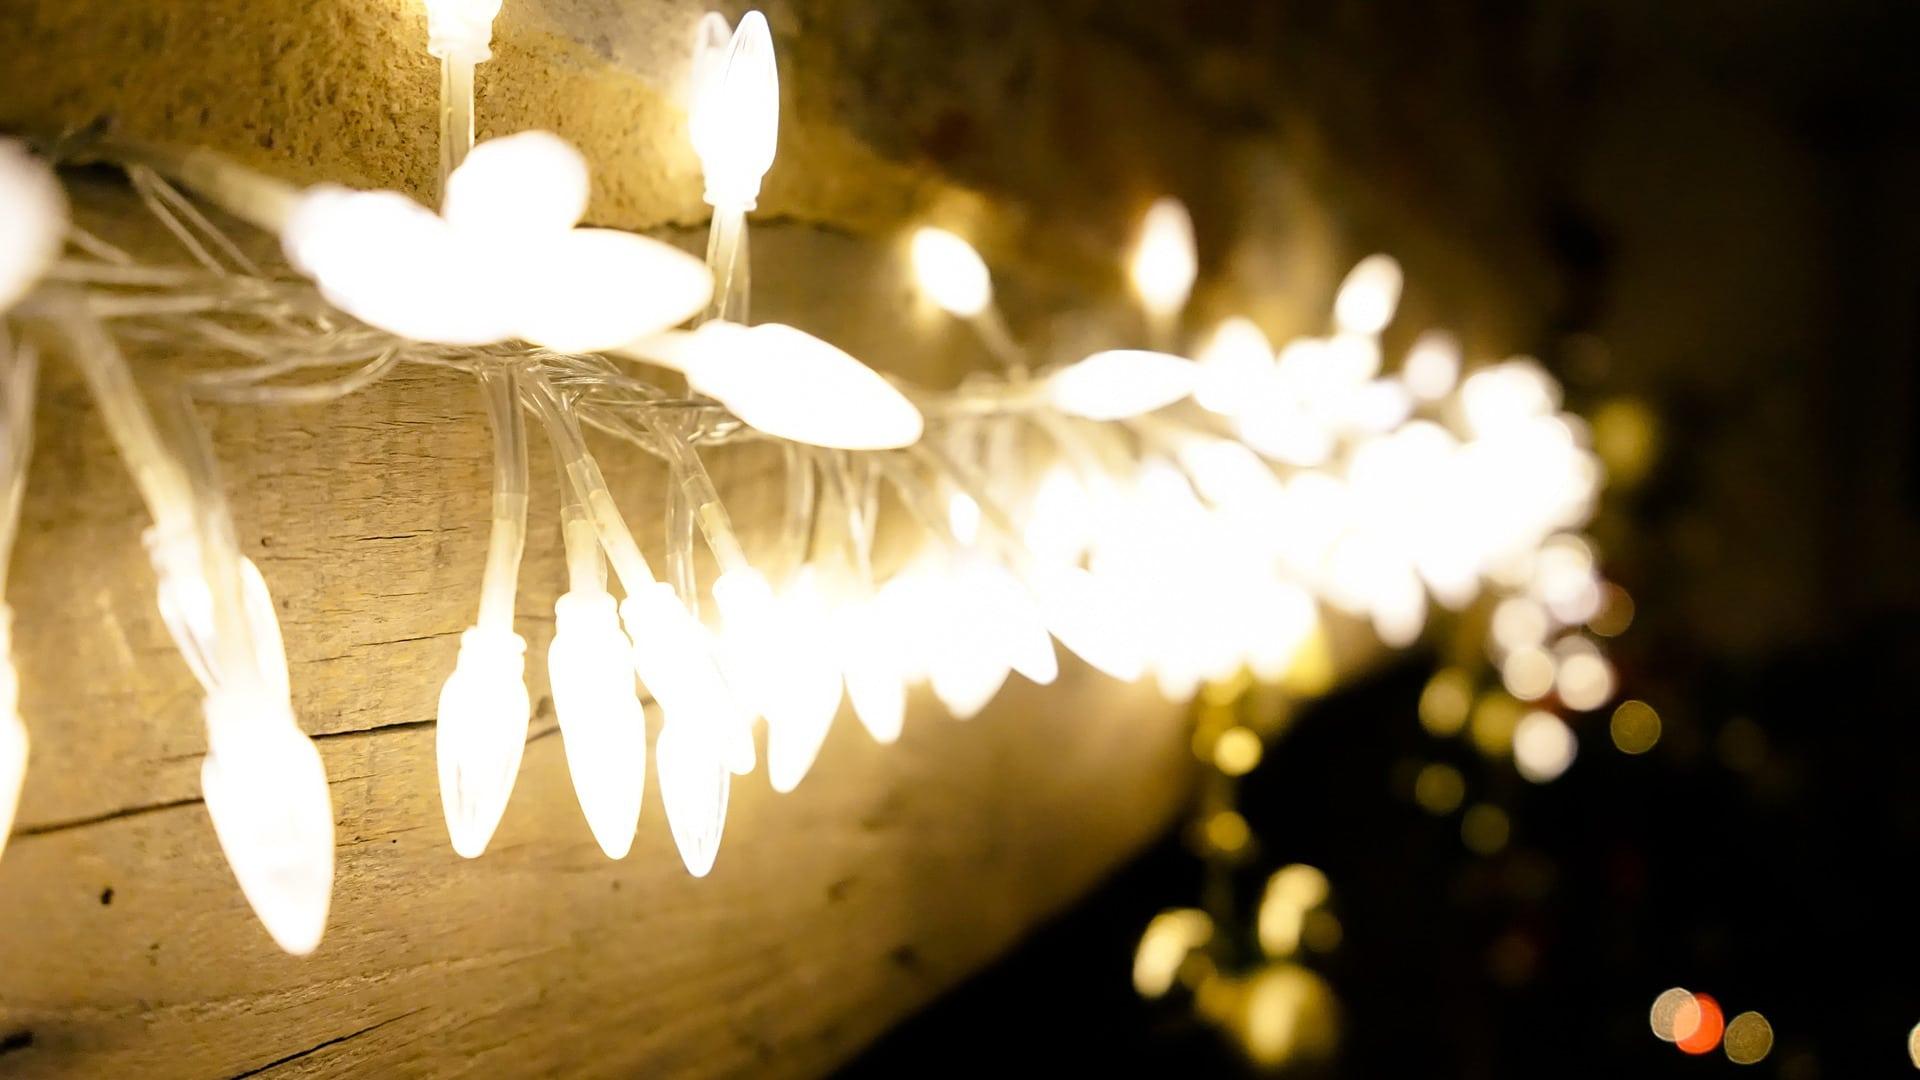 Potenziamento illuminazione juwel rio acquariofilia facile